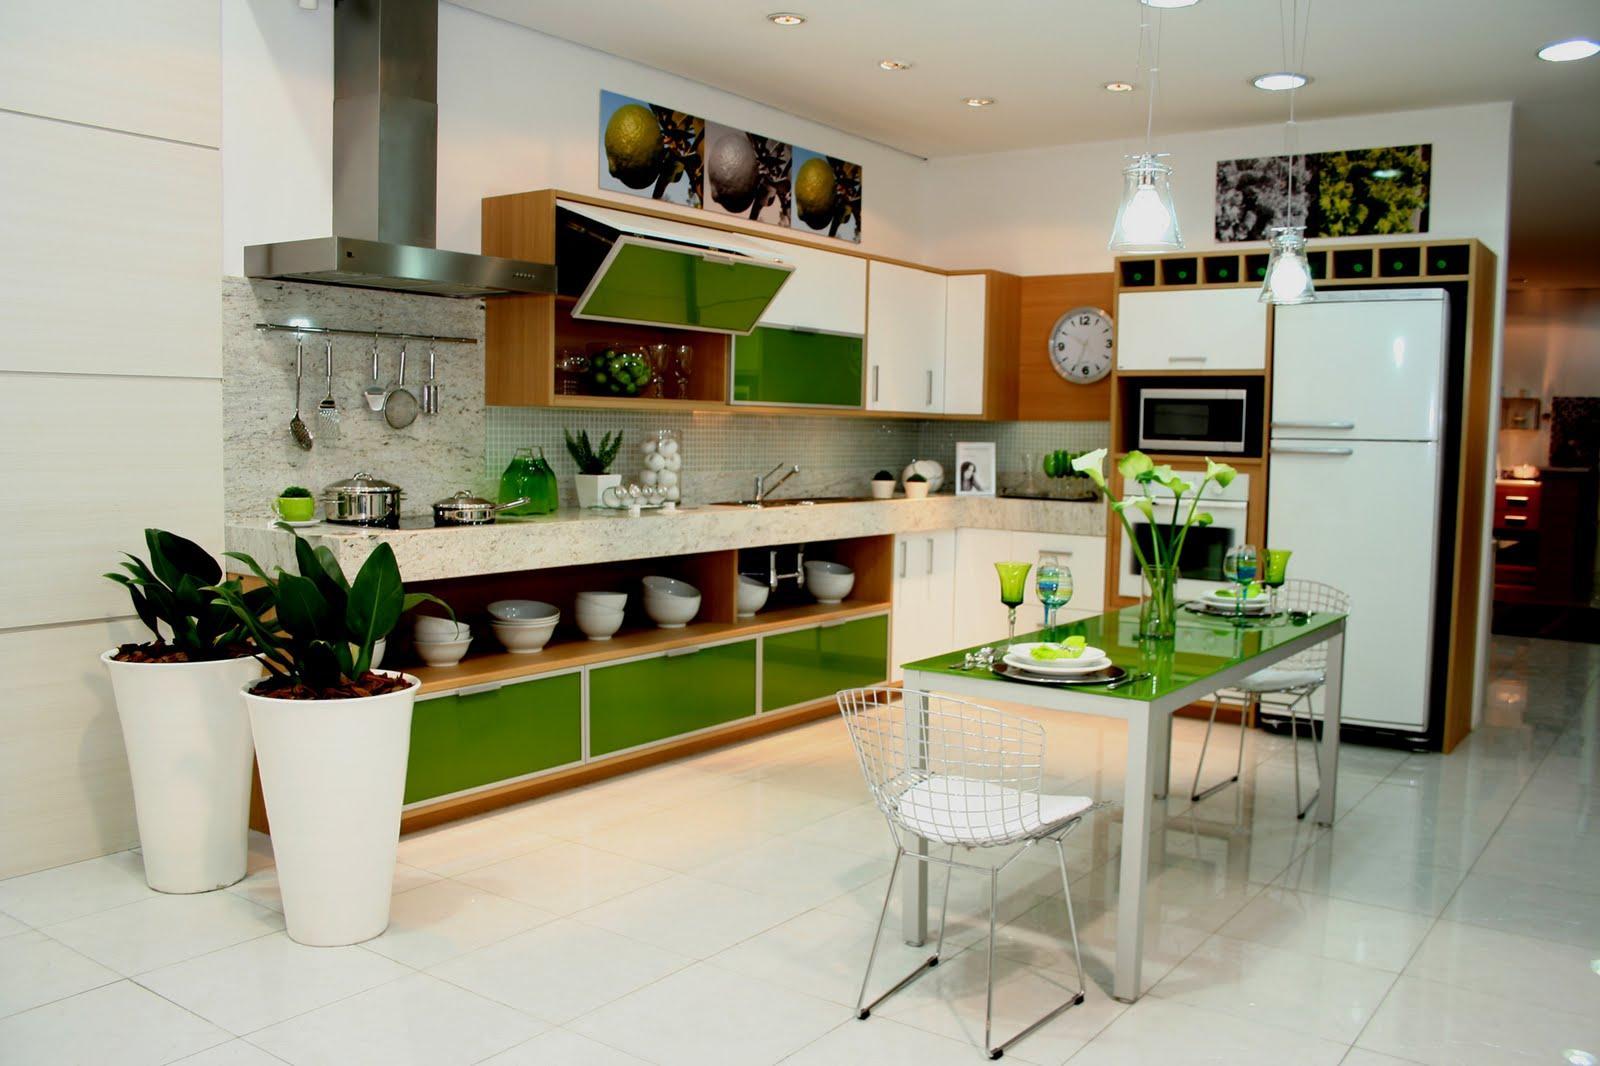 Cách bài trí cây xanh trong phòng bếp hợp phong thủy nhất